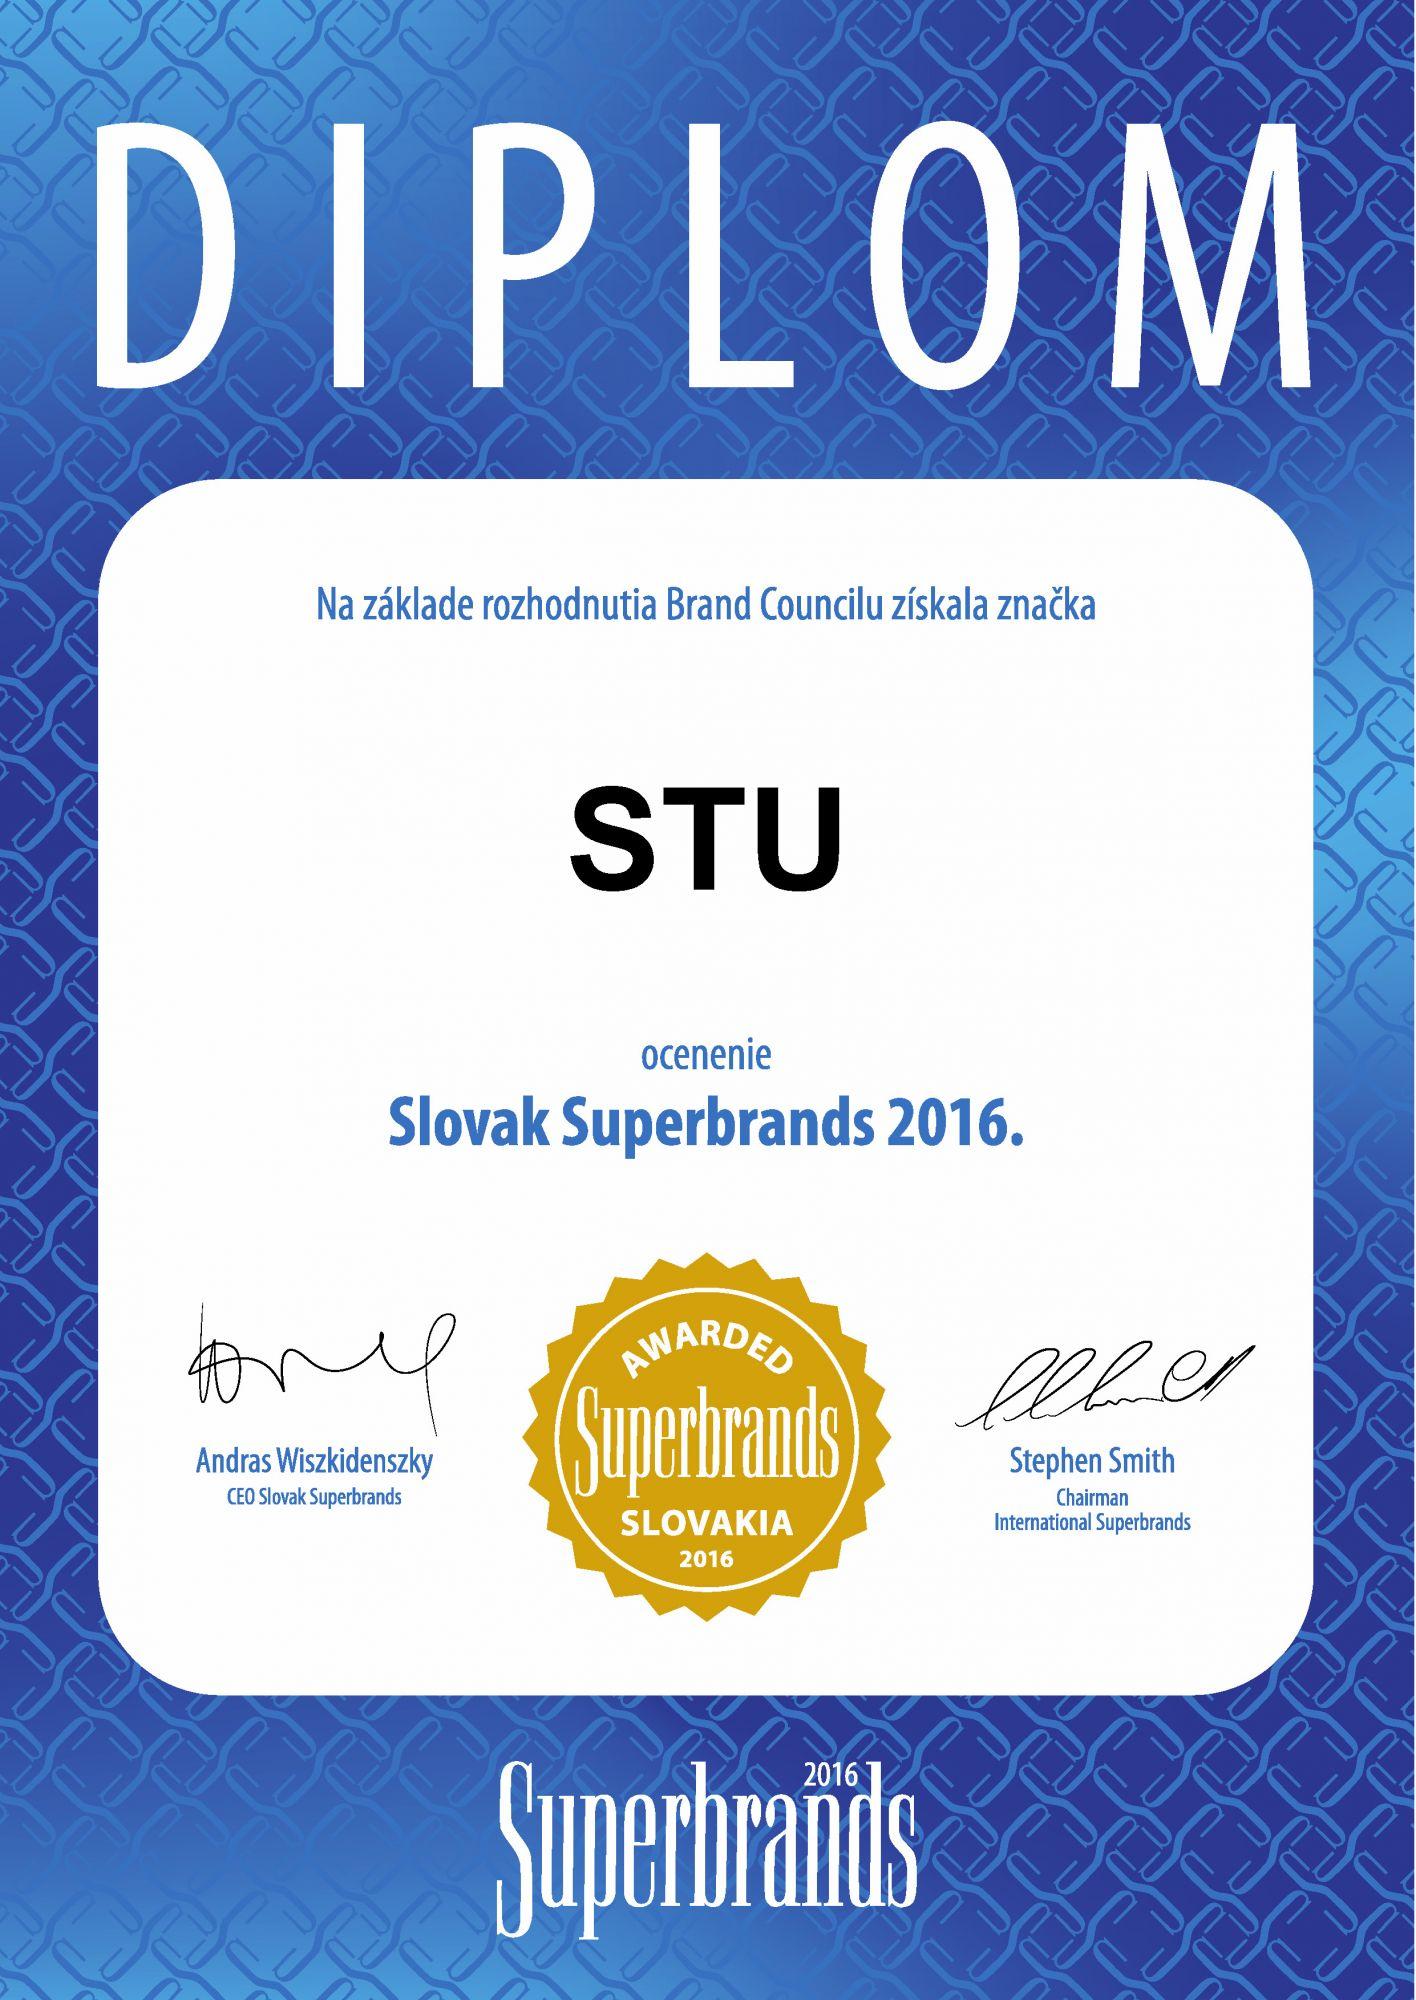 STU získala Superbrands Award 2016